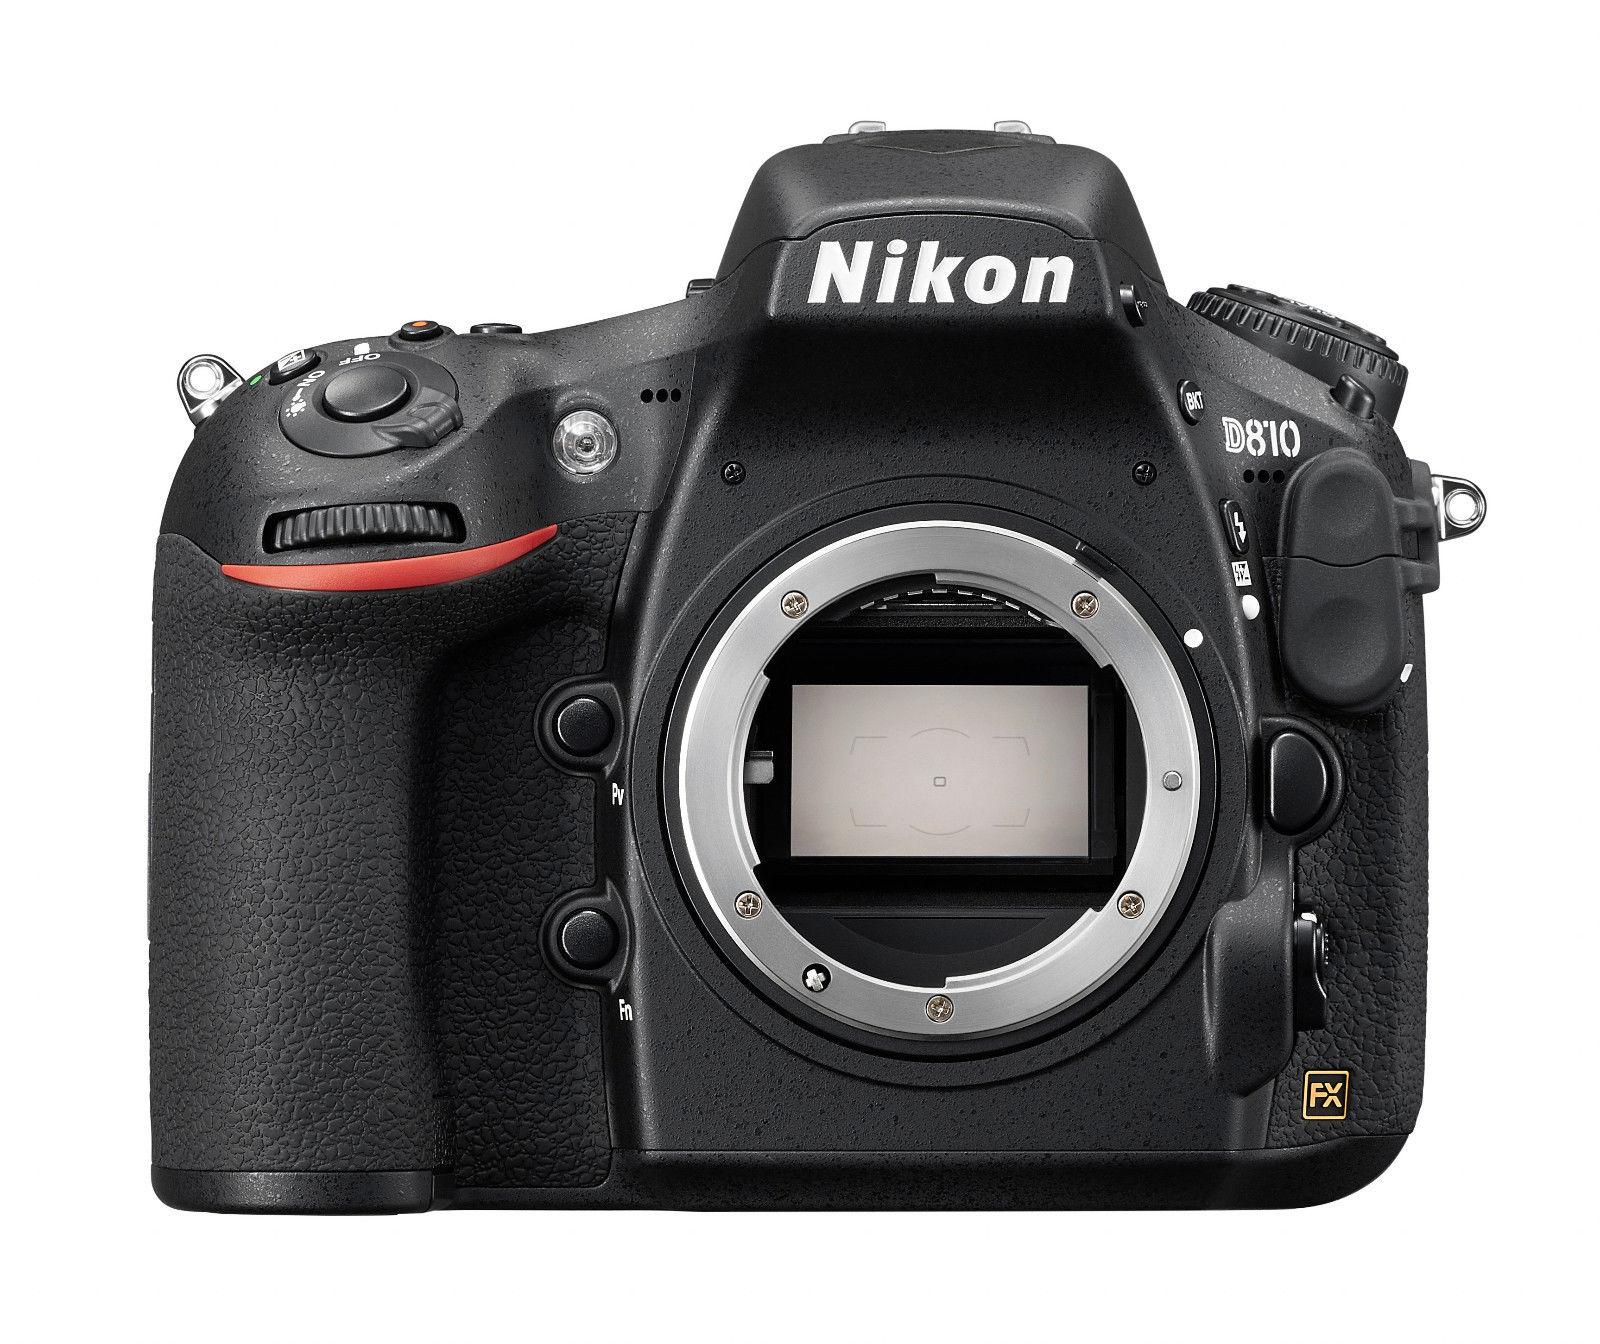 Spiegelreflexkamera Nikon D810 36.3 MP DSLR, GEHÄUSE, GEBRAUCHTWARE